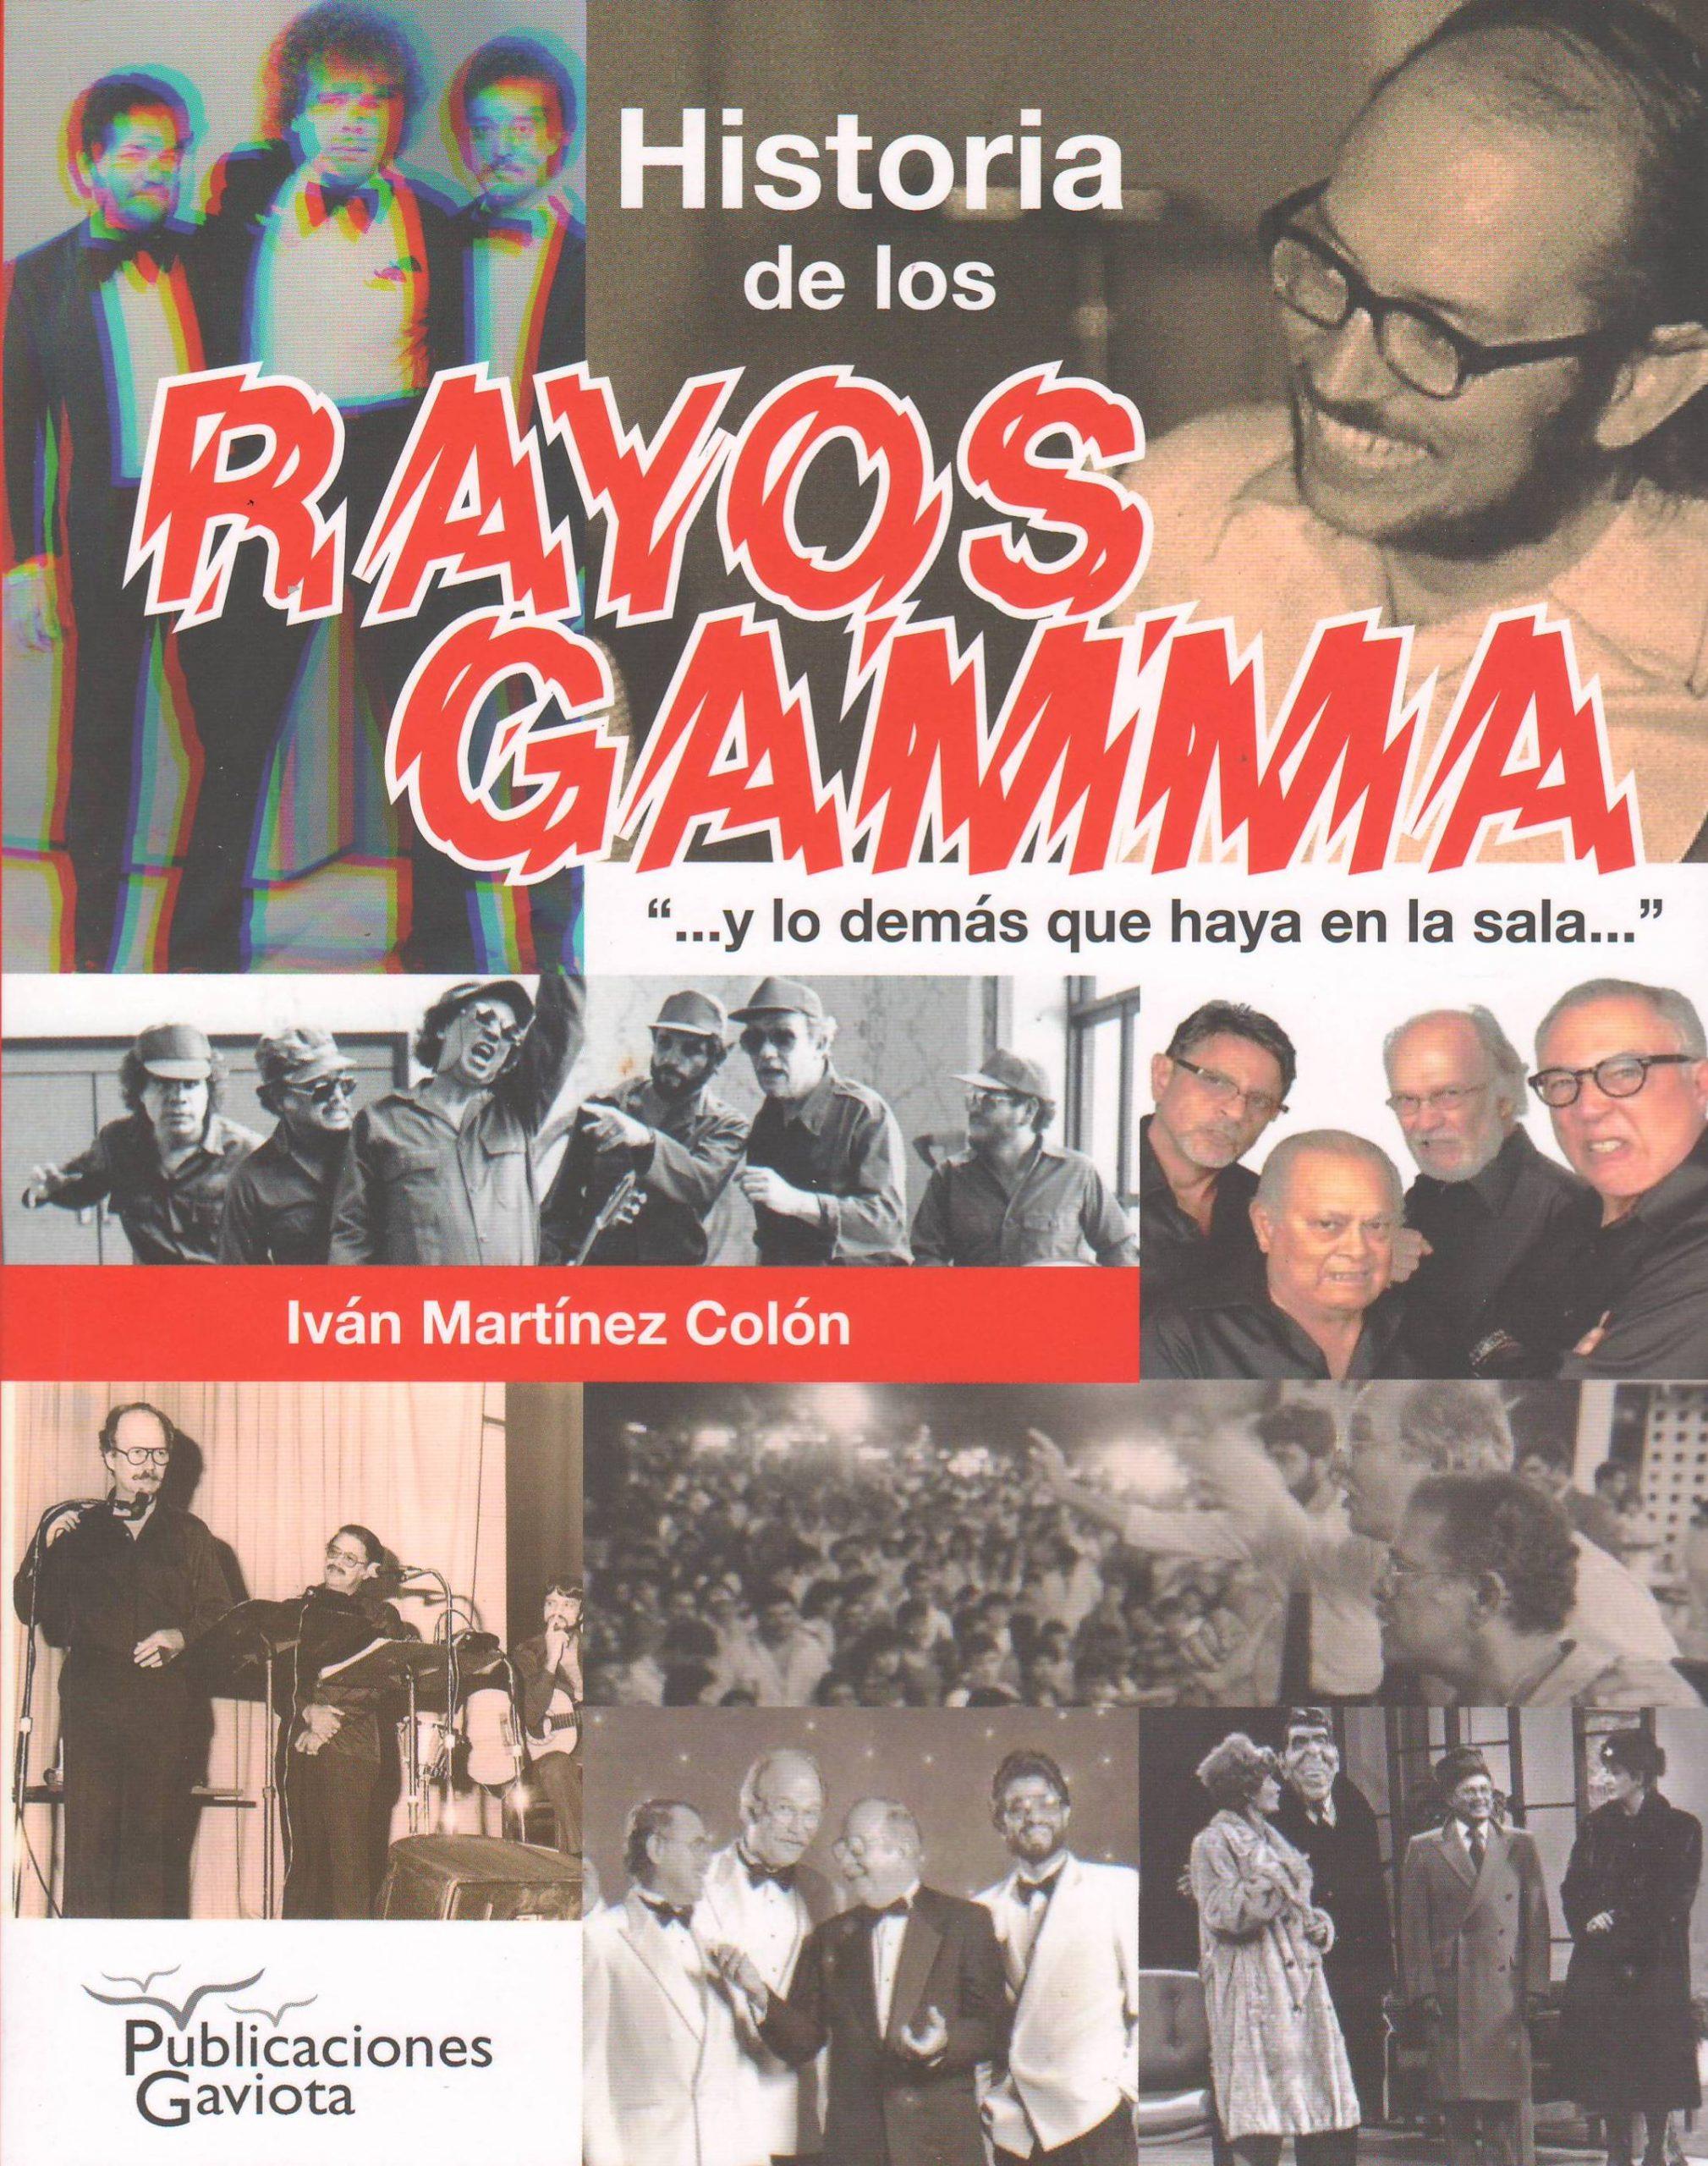 Portada del libro de Los Rayos Gamma editado por Publicaciones Gaviota. (archivo Fundación Nacional para la Cultura Popular)